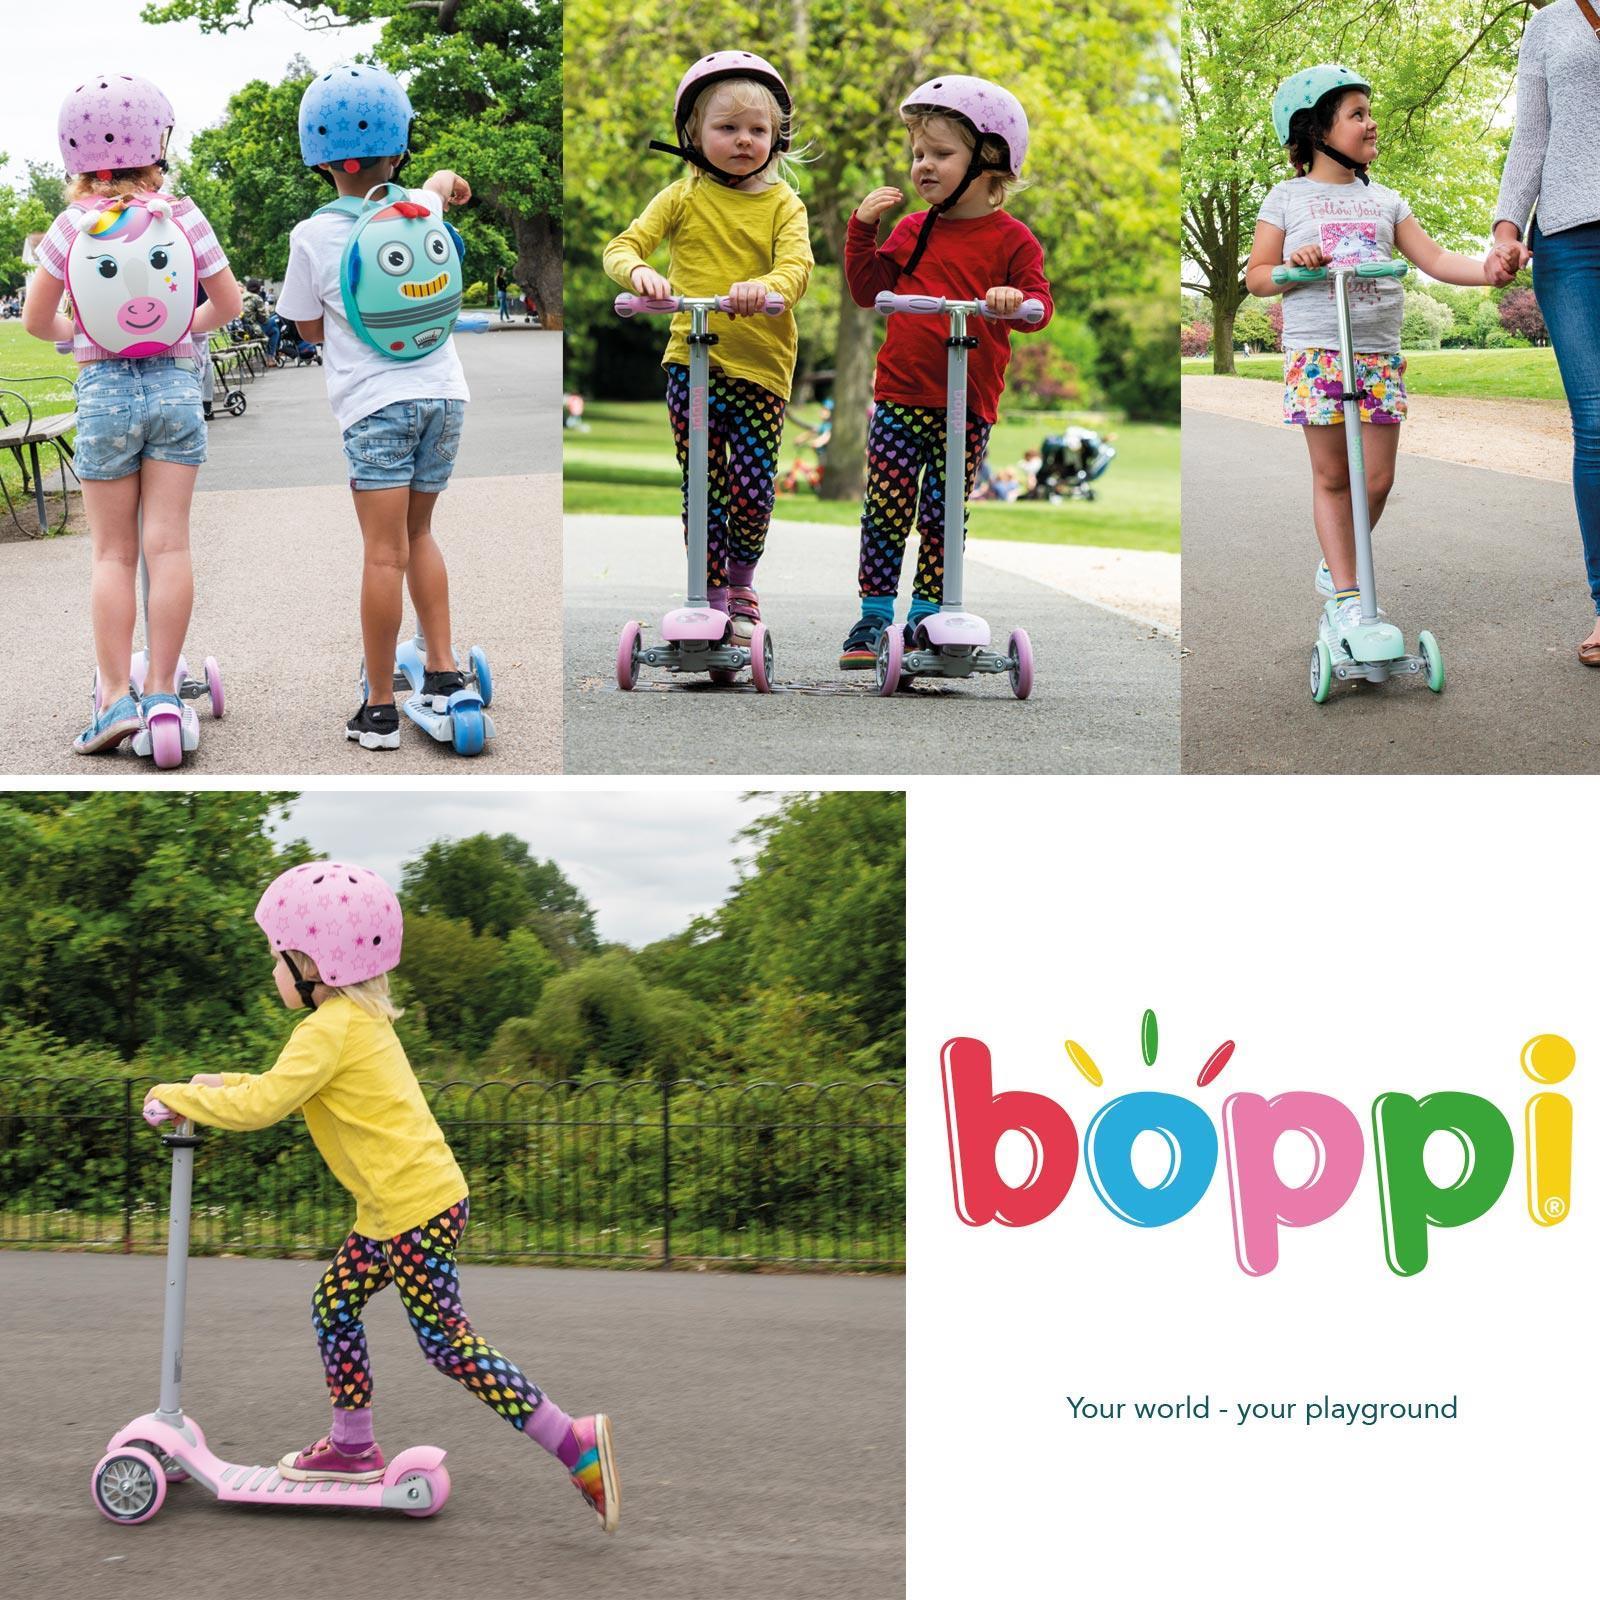 Indexbild 13 - Boppi-3-Rollen-Tretroller-Kinder-Kick-Auf-Alter-3-8-Jahre